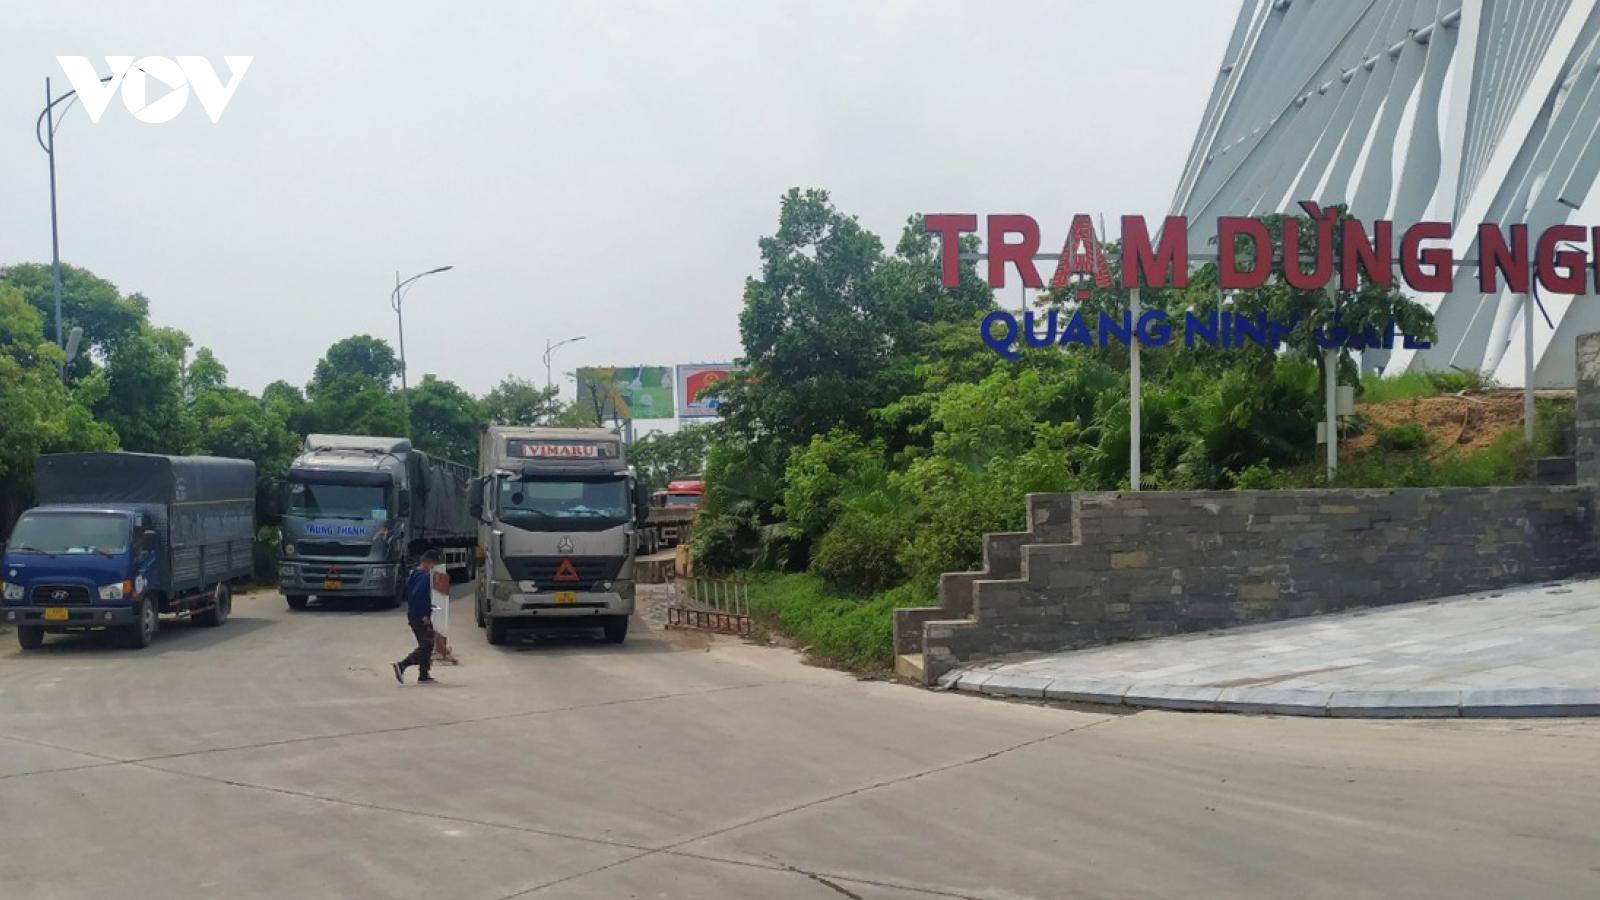 Kiểm soát chặt dịch bệnh những vẫn đảm bảo lưu thông hàng hóa ra - vào Quảng Ninh